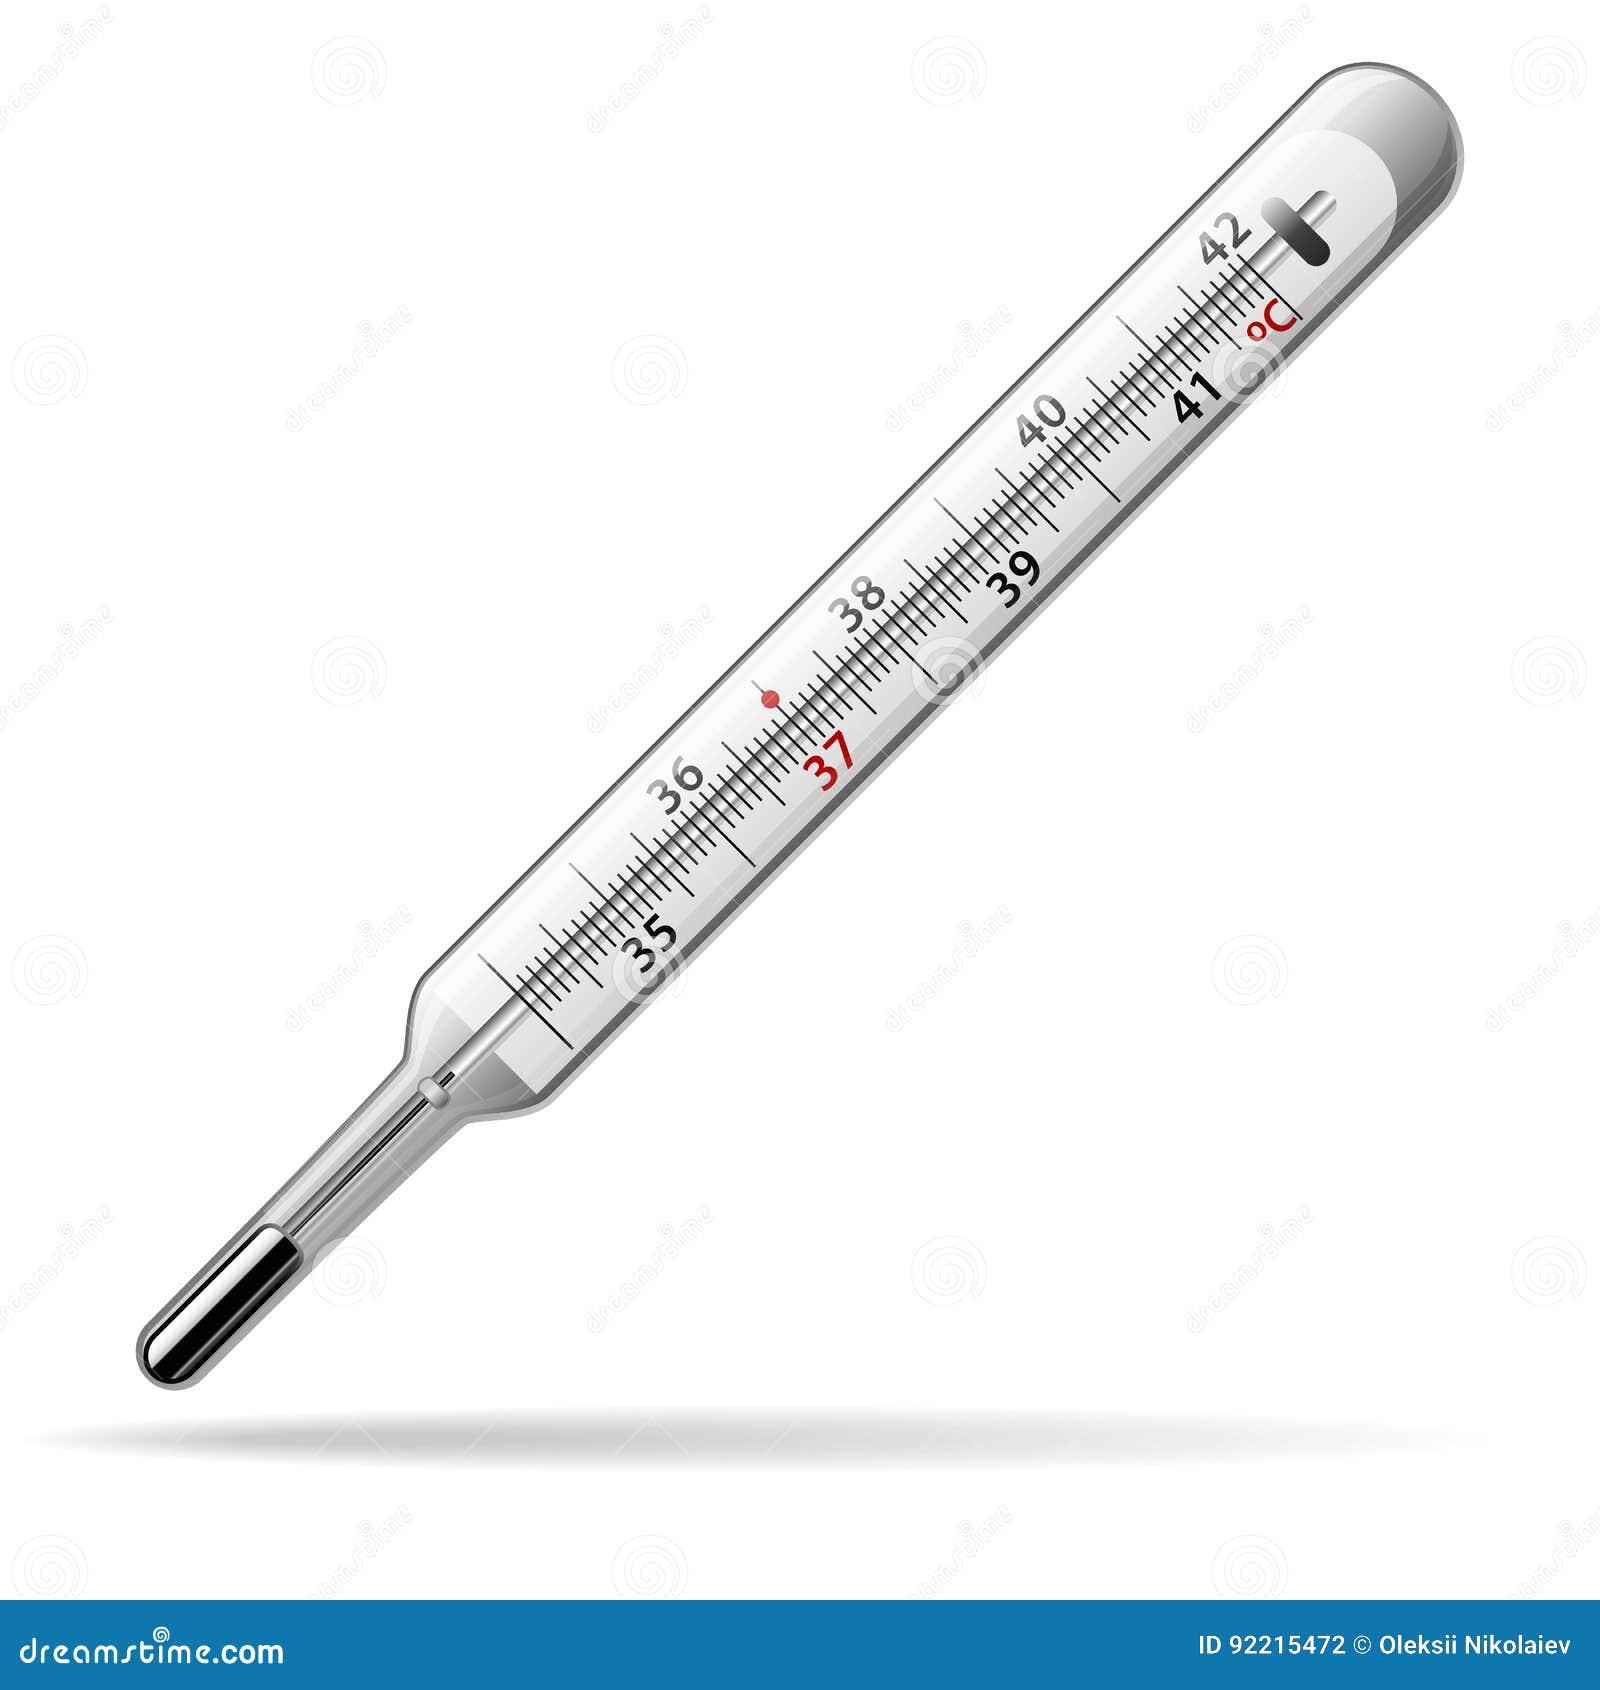 Term metro m dico un term metro de mercurio de cristal para medir la temperatura del cuerpo - Termometro de pared ...